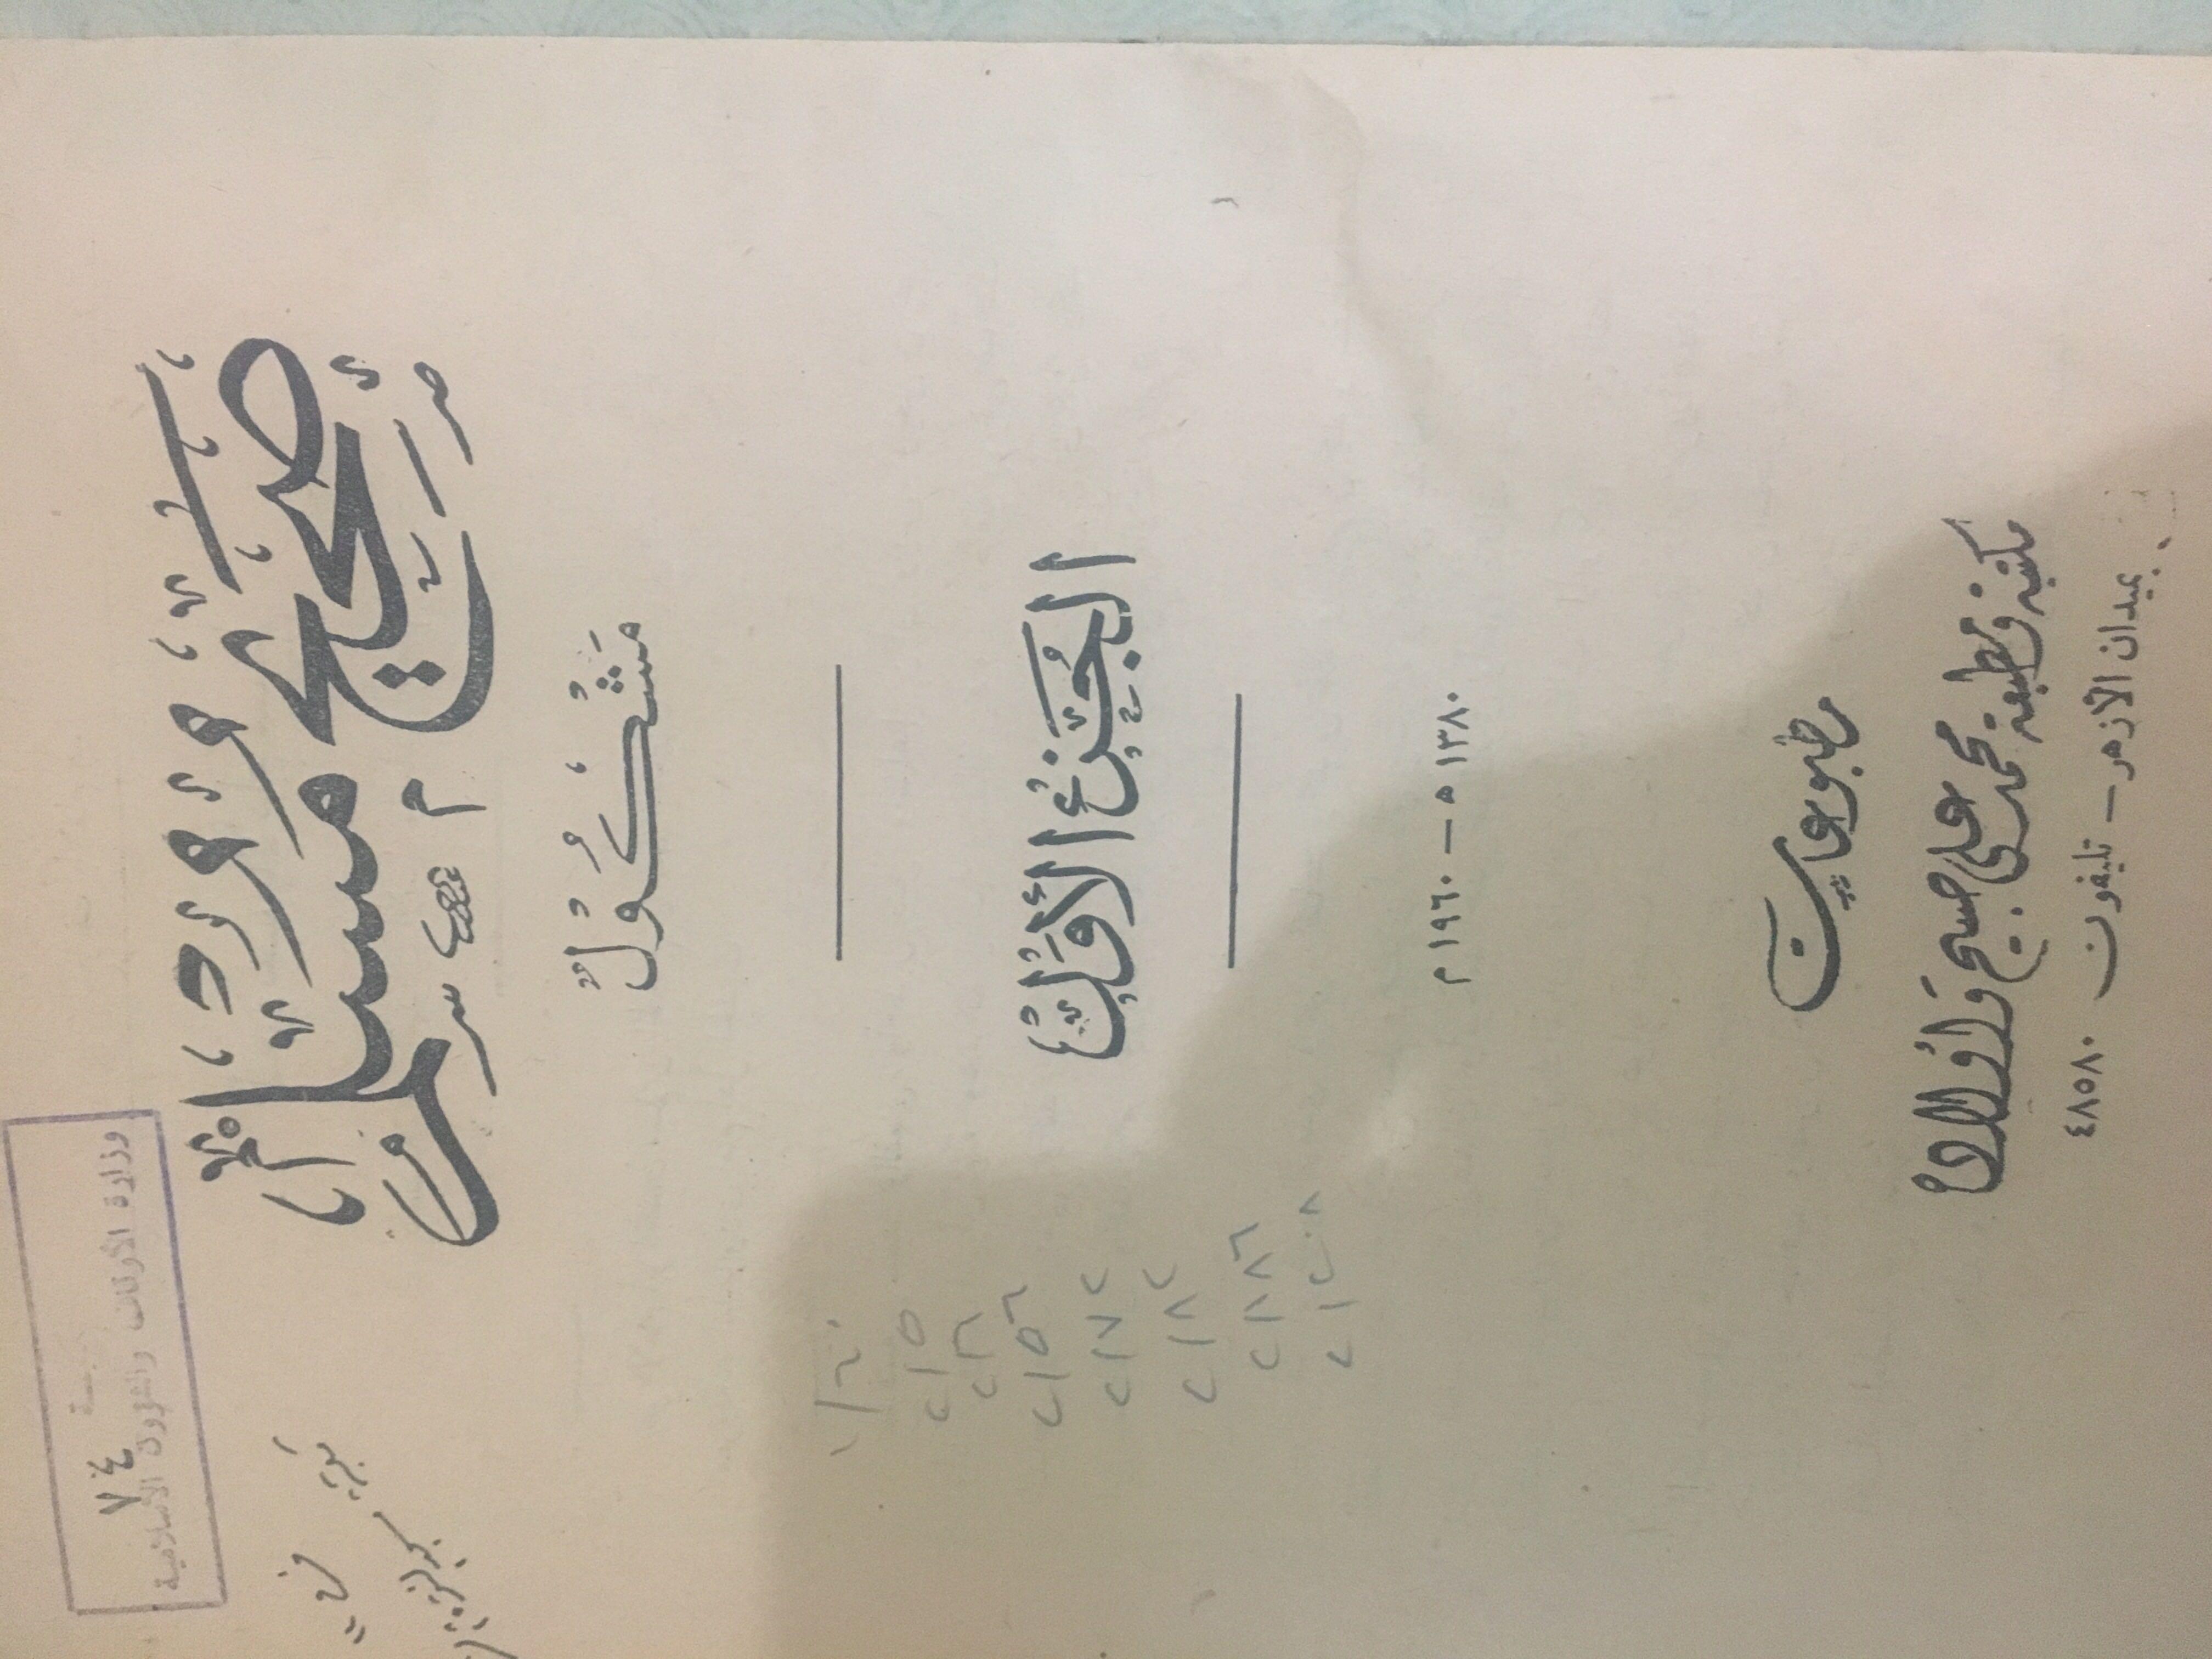 كتب اسلامية طبعات قديمة ... الورق الاصفر